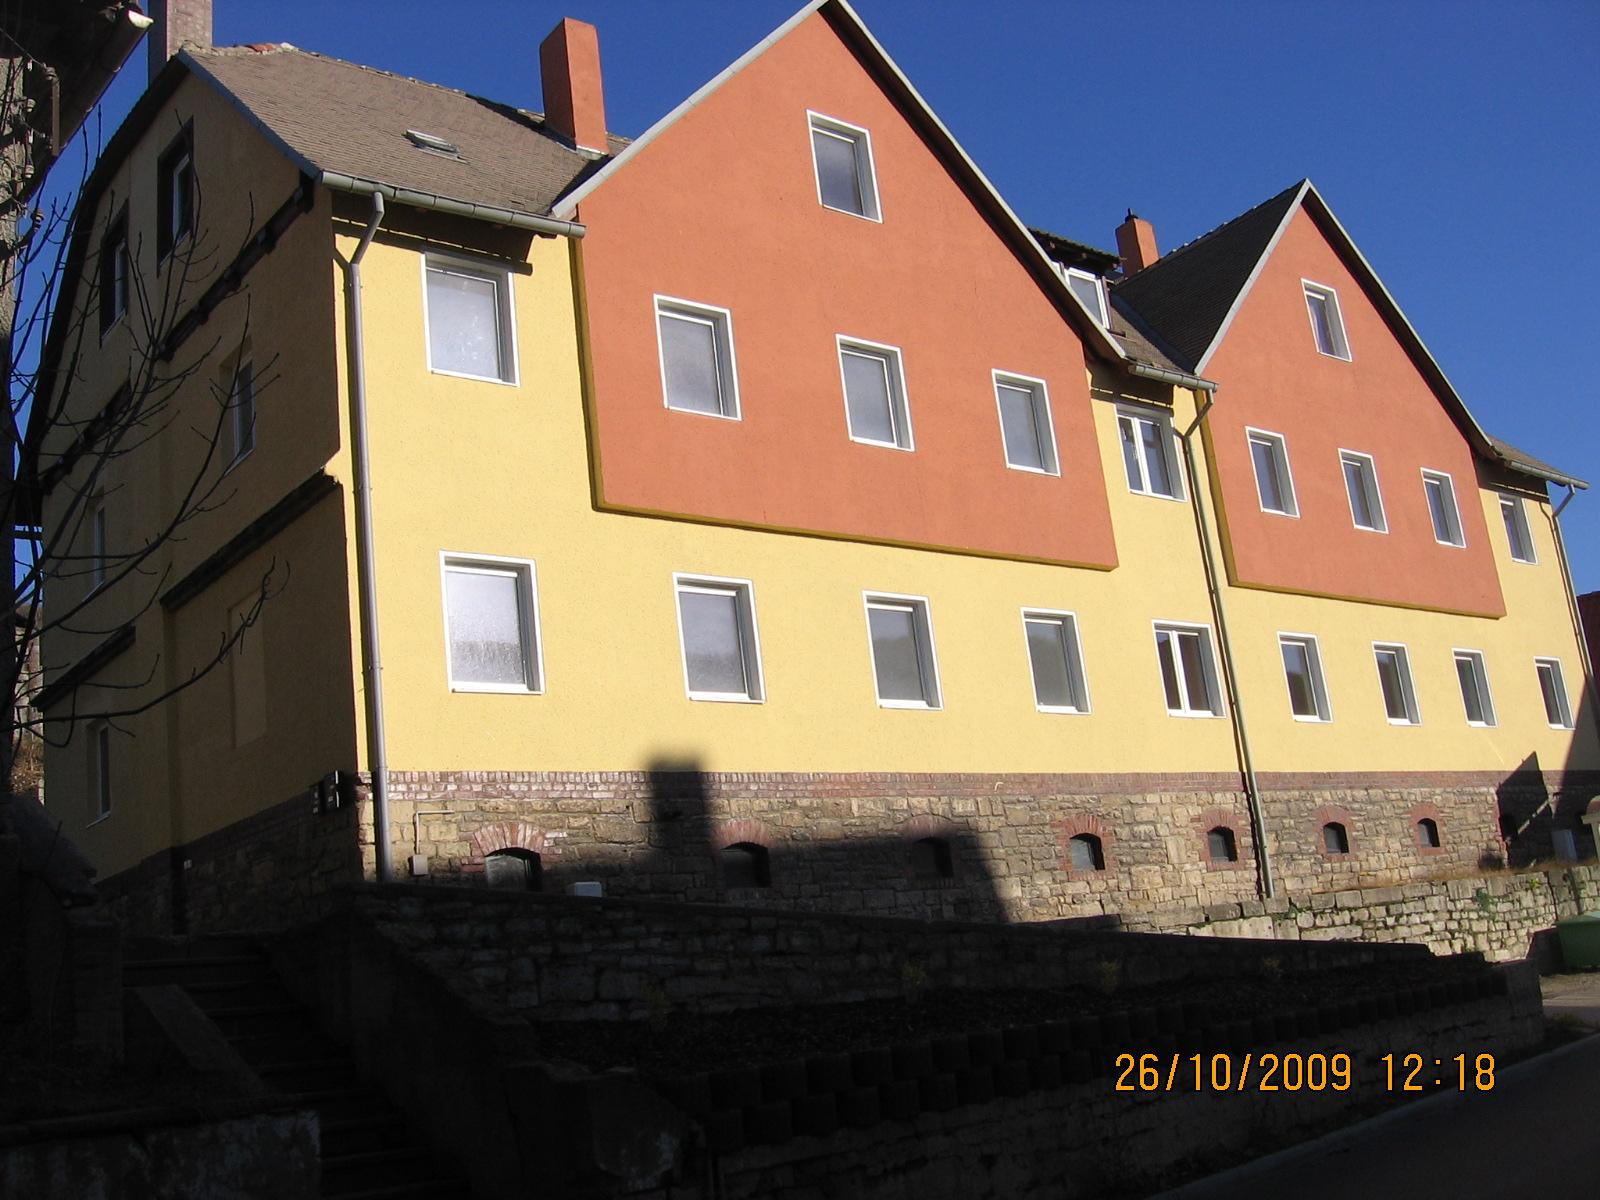 Intermediez vanzari case in romania si germania vand casa in germania oras dorndorf steudnitz - Casa in germania ...